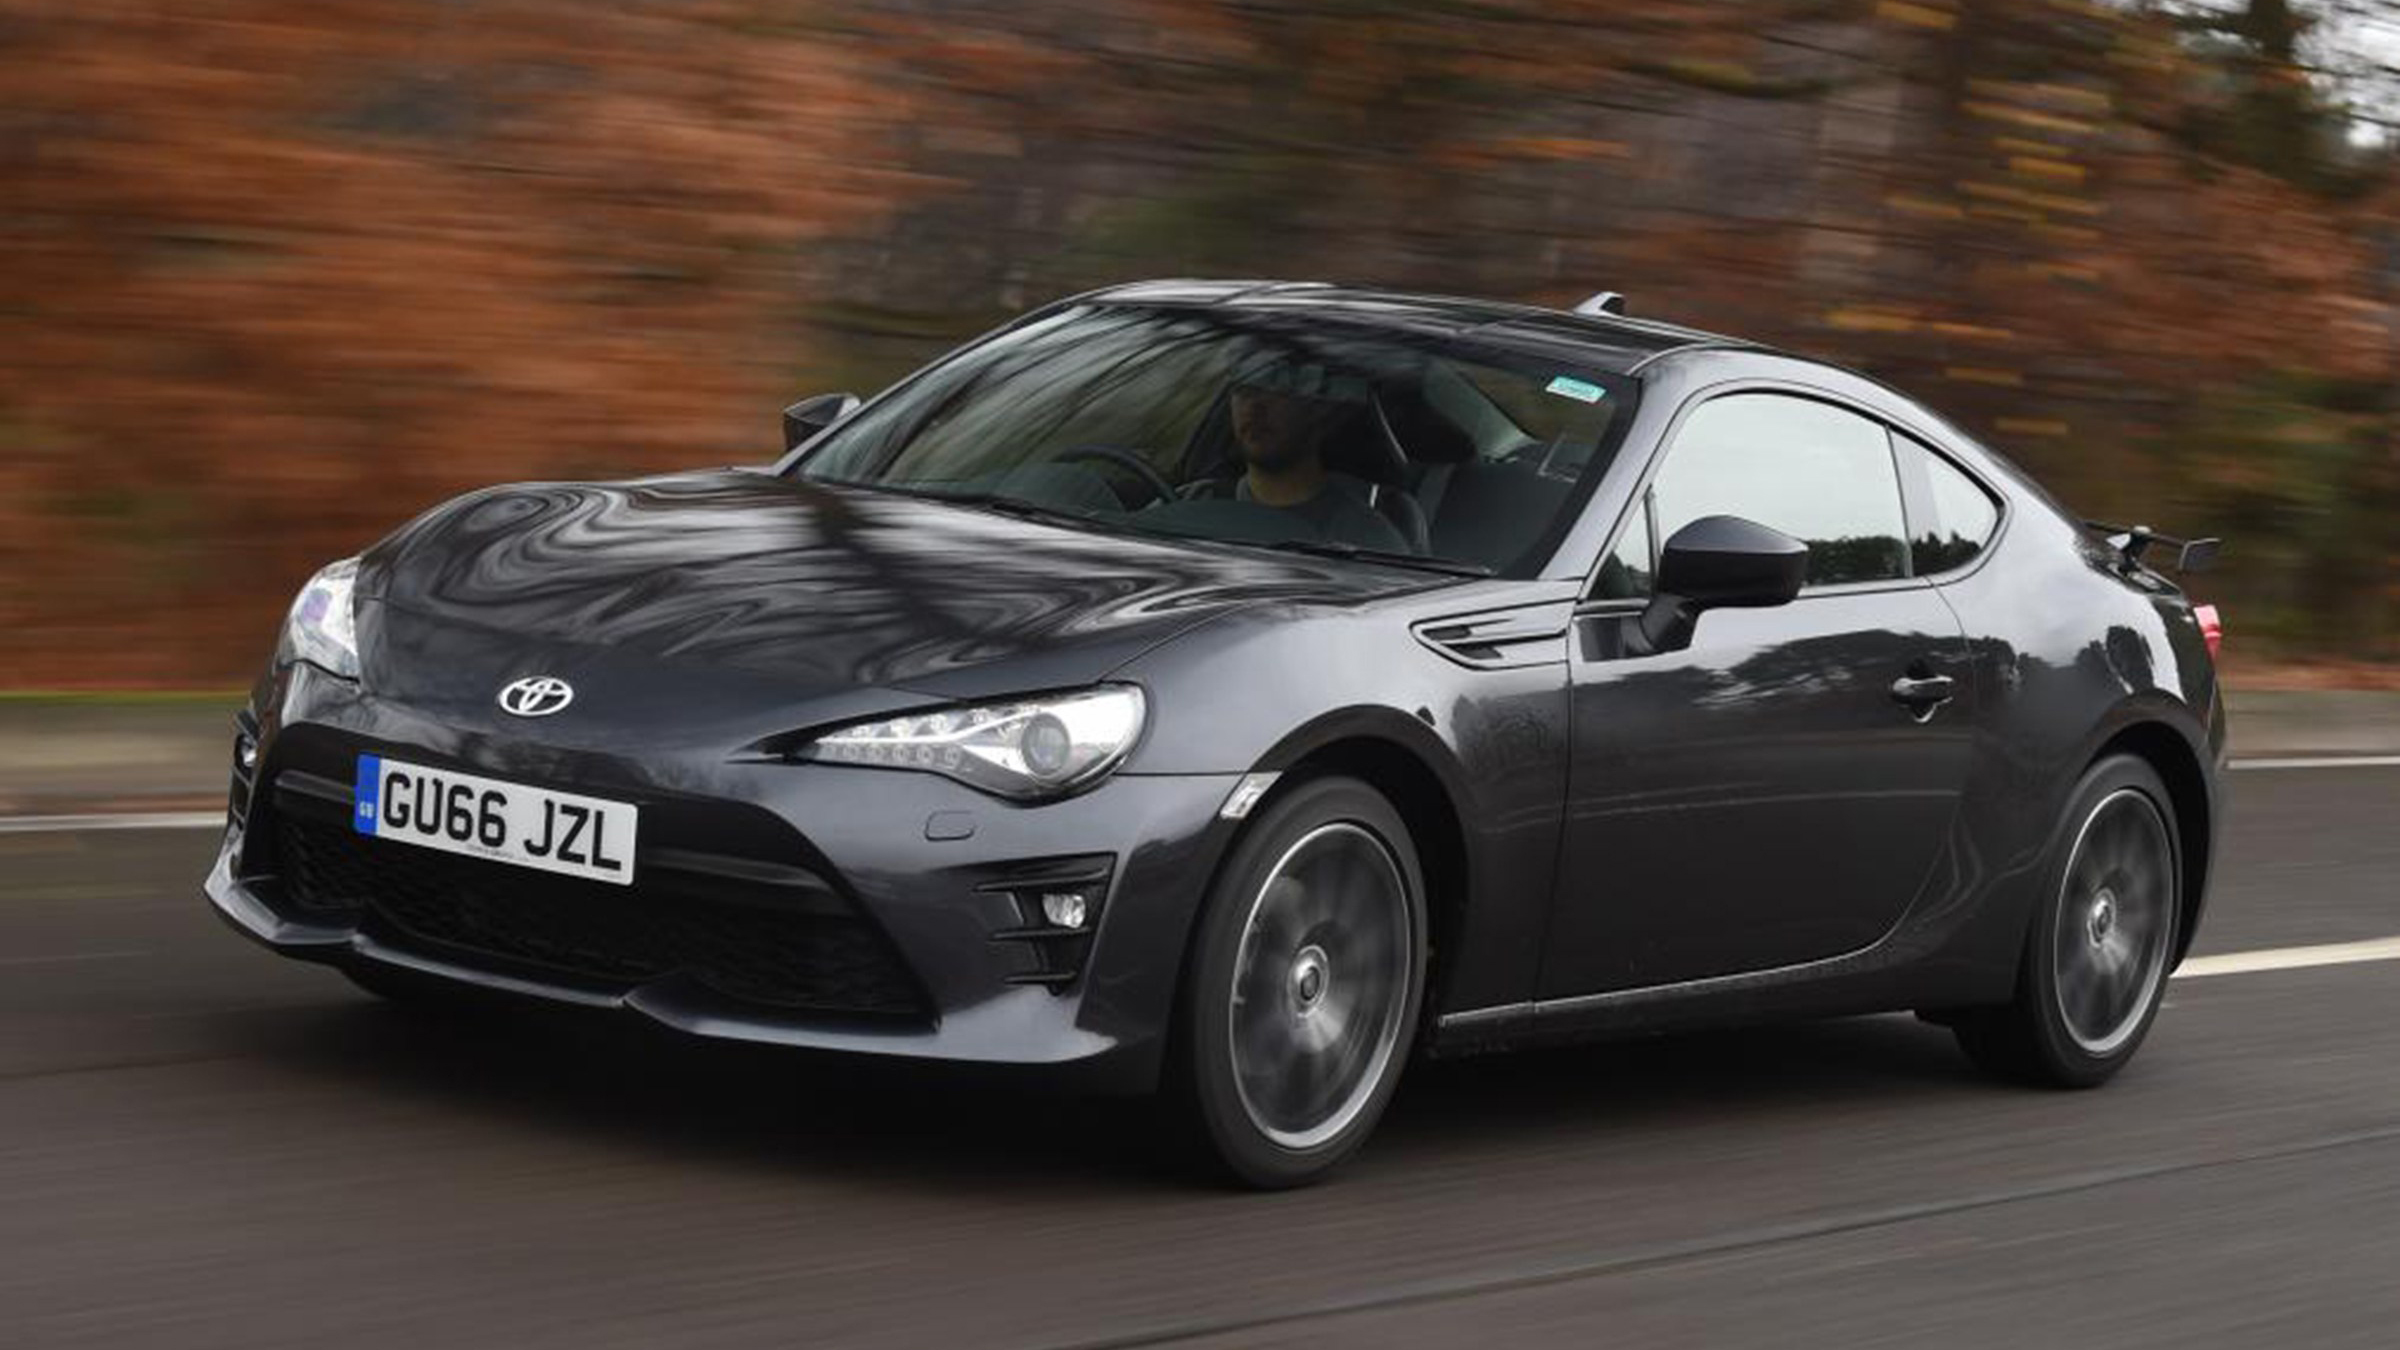 Kekurangan Toyota Gt86 Top Model Tahun Ini